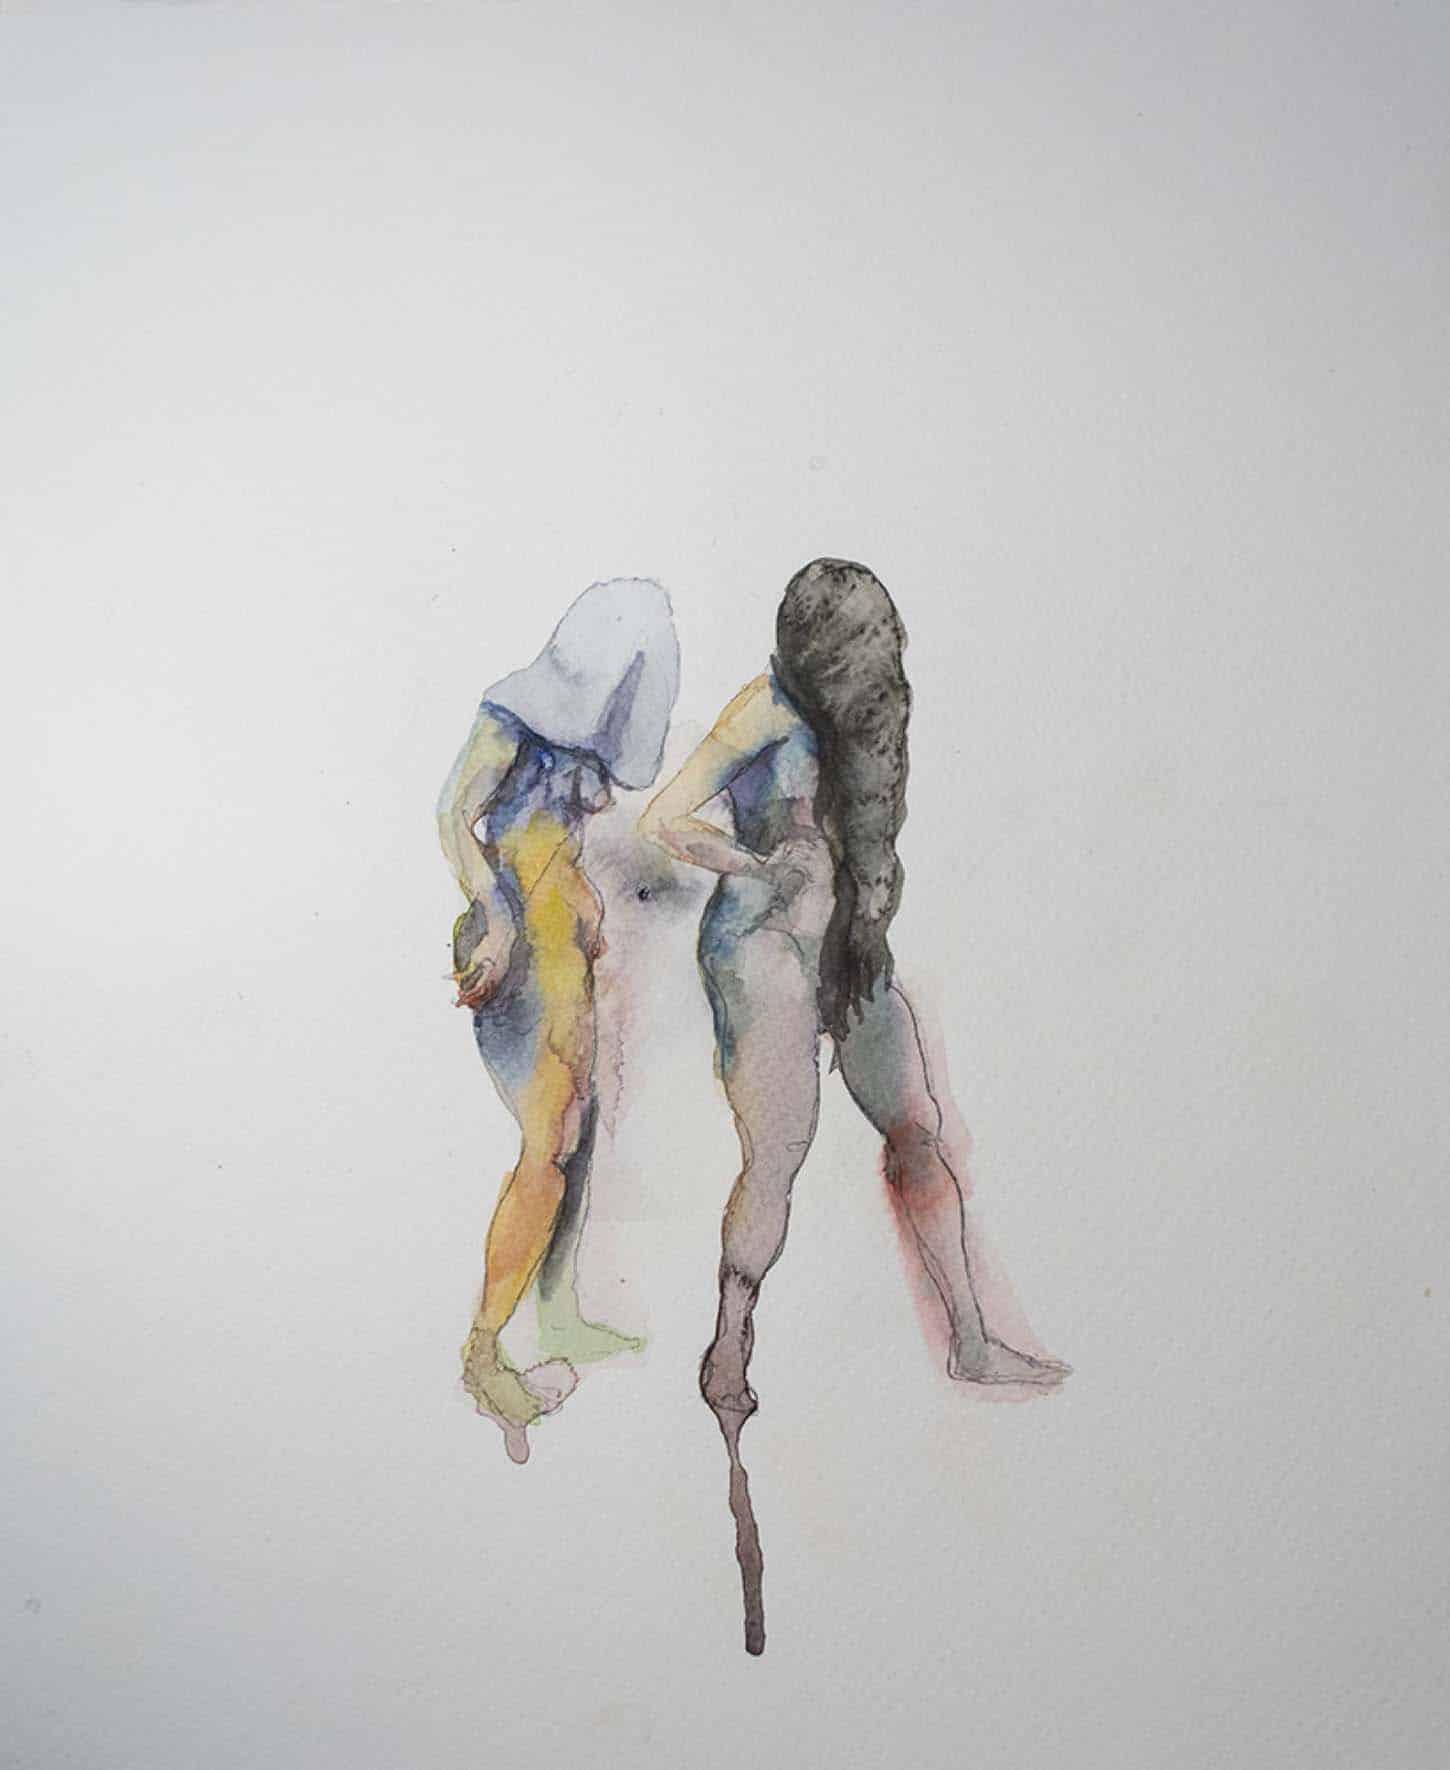 Eglé Vismanté, Hic, 2014, aquarelle sur papier, 33 x 25 cm